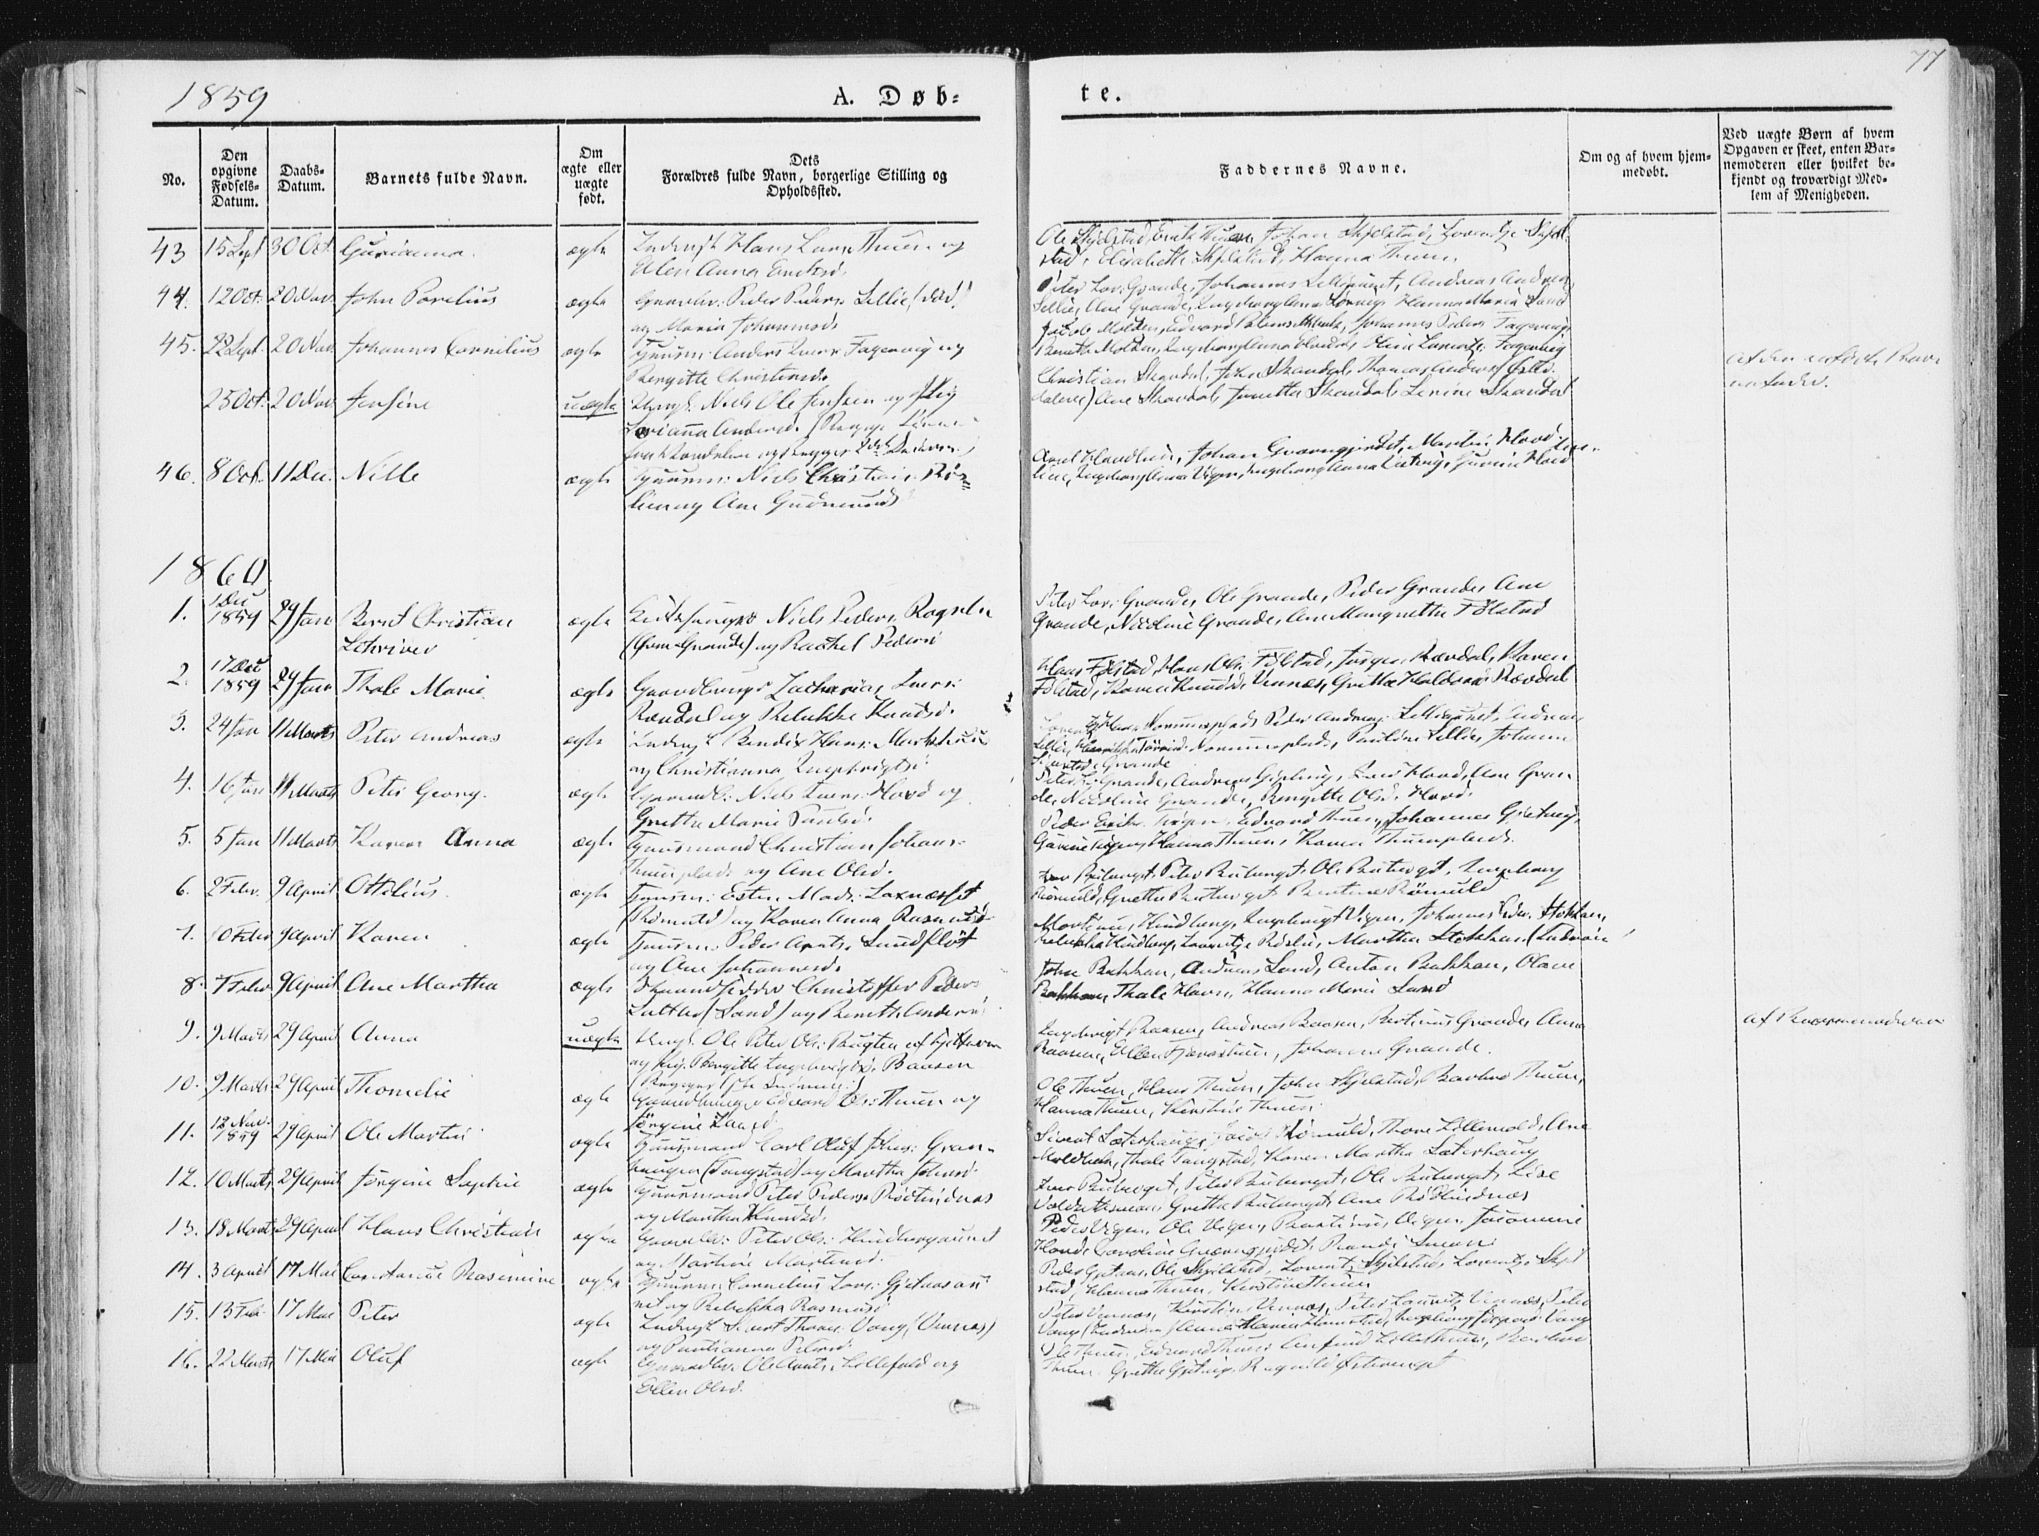 SAT, Ministerialprotokoller, klokkerbøker og fødselsregistre - Nord-Trøndelag, 744/L0418: Ministerialbok nr. 744A02, 1843-1866, s. 77